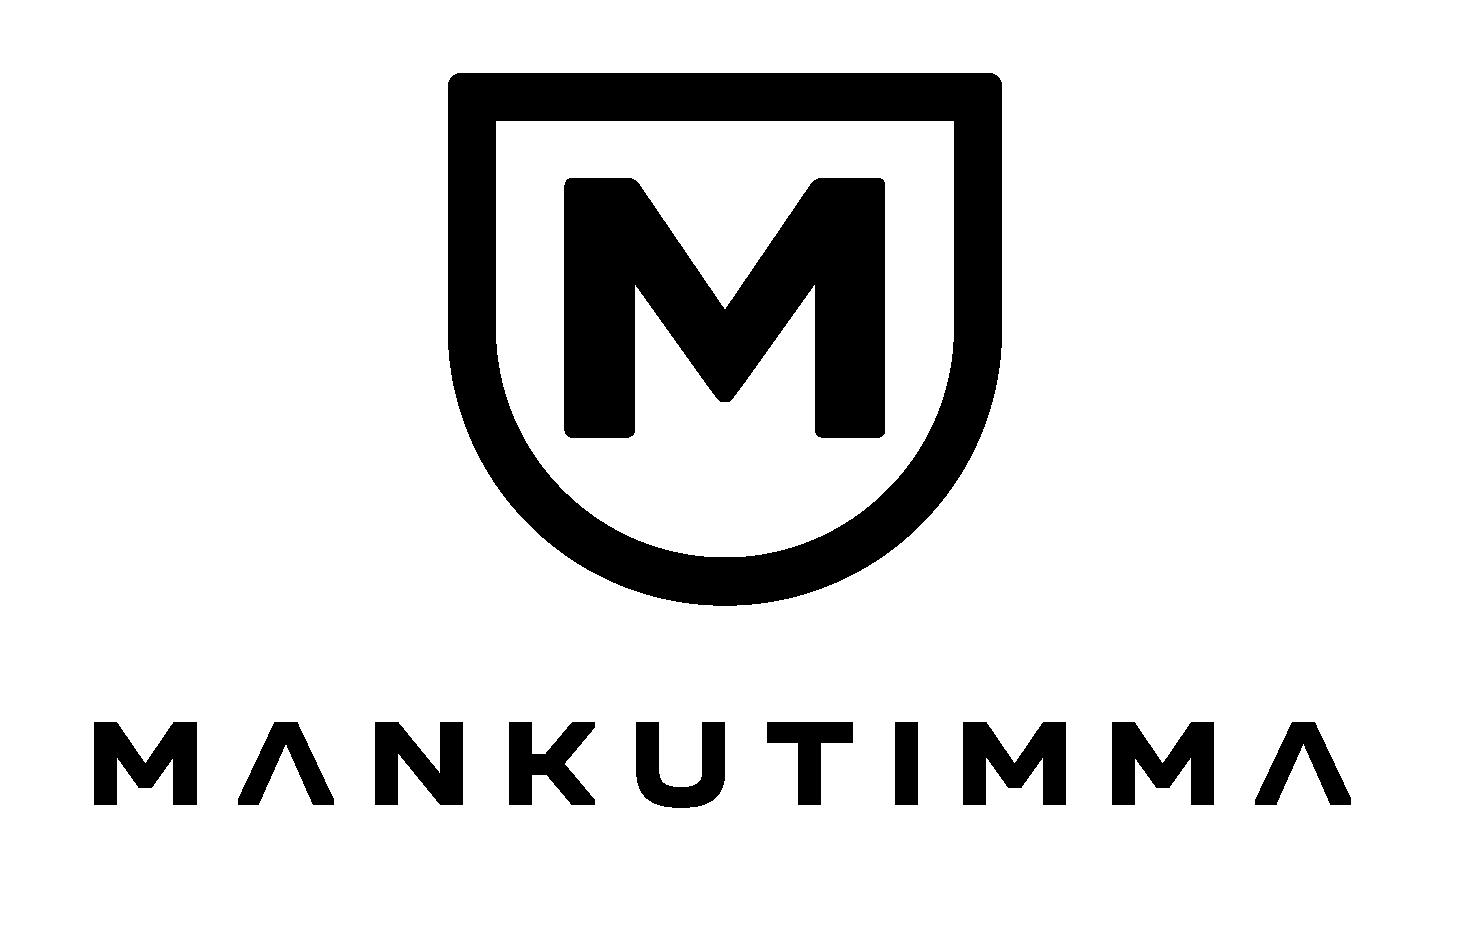 MANKUTIMMA